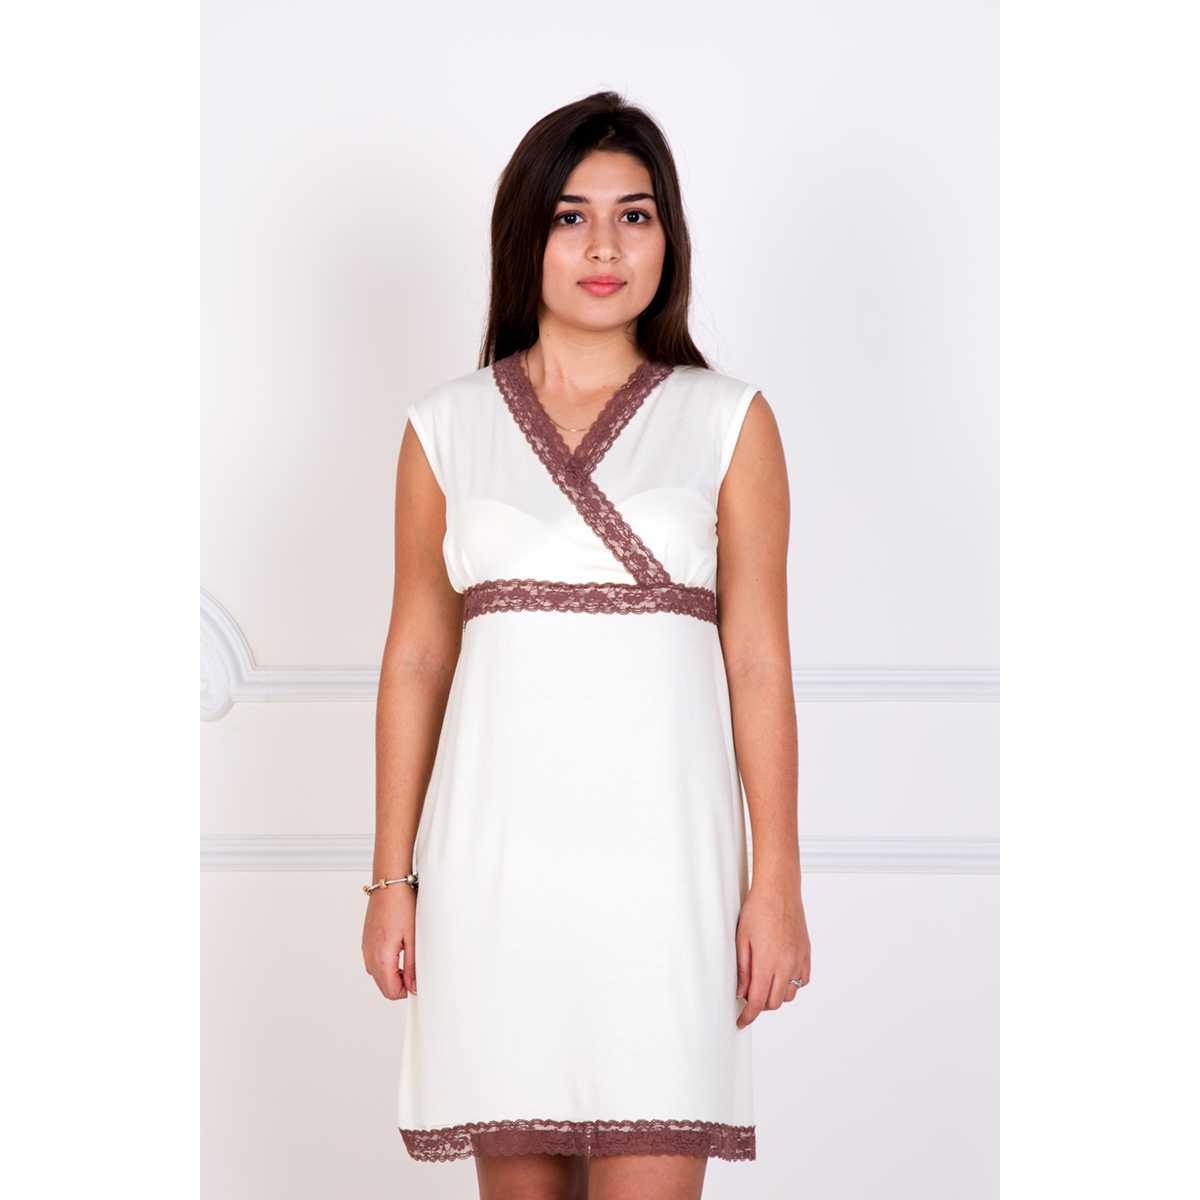 Женская сорочка Элегант Кремовый, размер 54Ночные сорочки<br>Обхват груди:108 см<br>Обхват талии:88 см<br>Обхват бедер:116 см<br>Рост:167 см<br><br>Тип: Жен. сорочка<br>Размер: 54<br>Материал: Вискоза